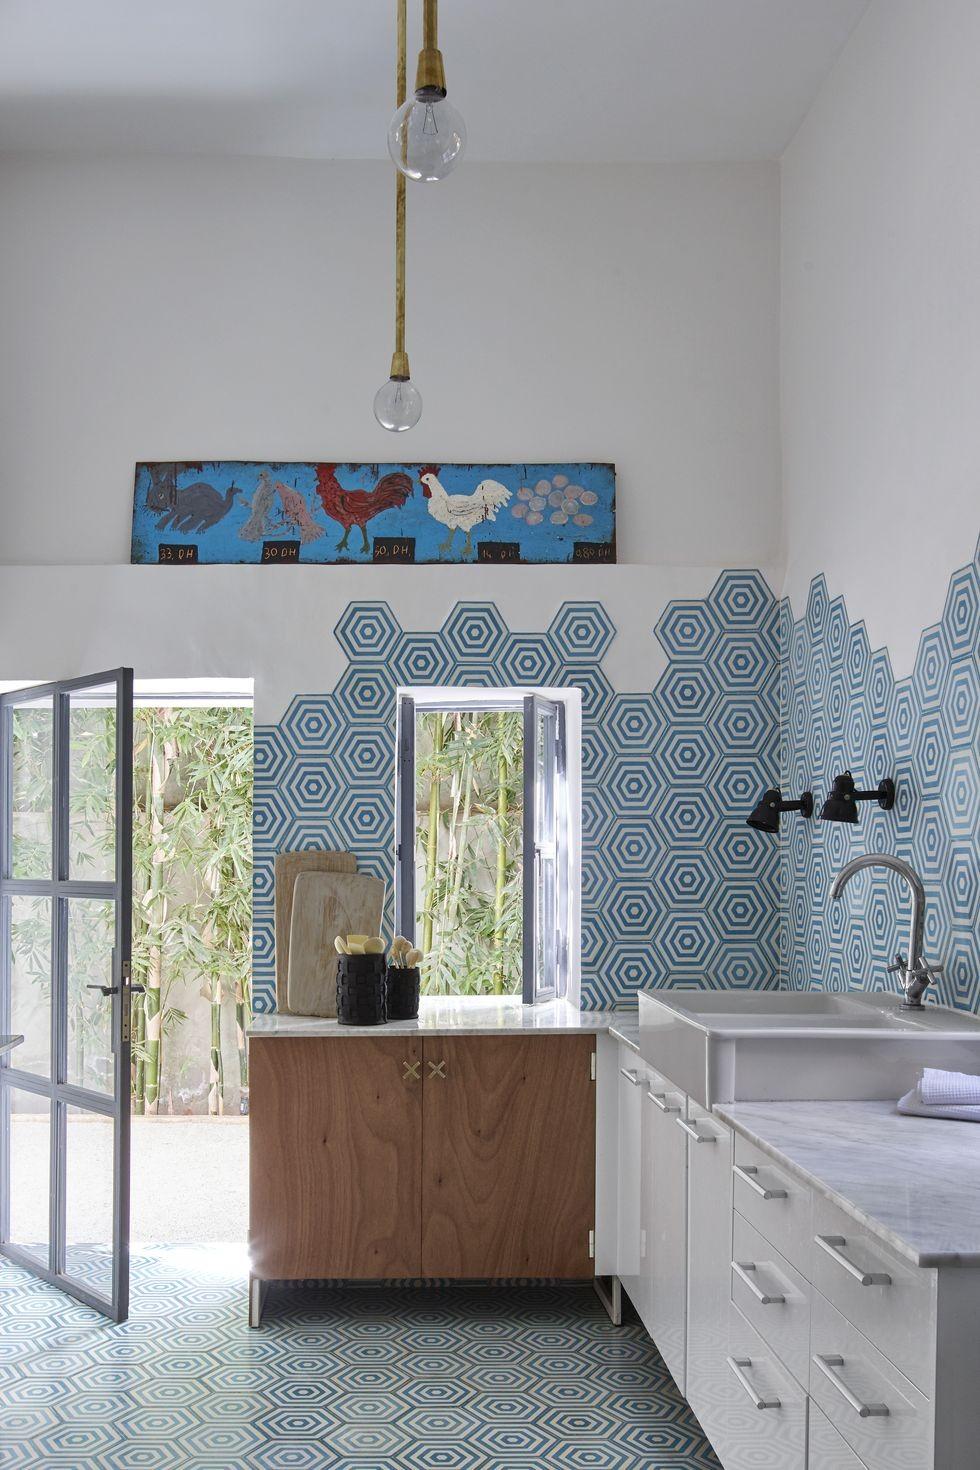 بالصور ديكورات للمطبخ باللون الازرق - حوائط المطبخ باللون الأزرق